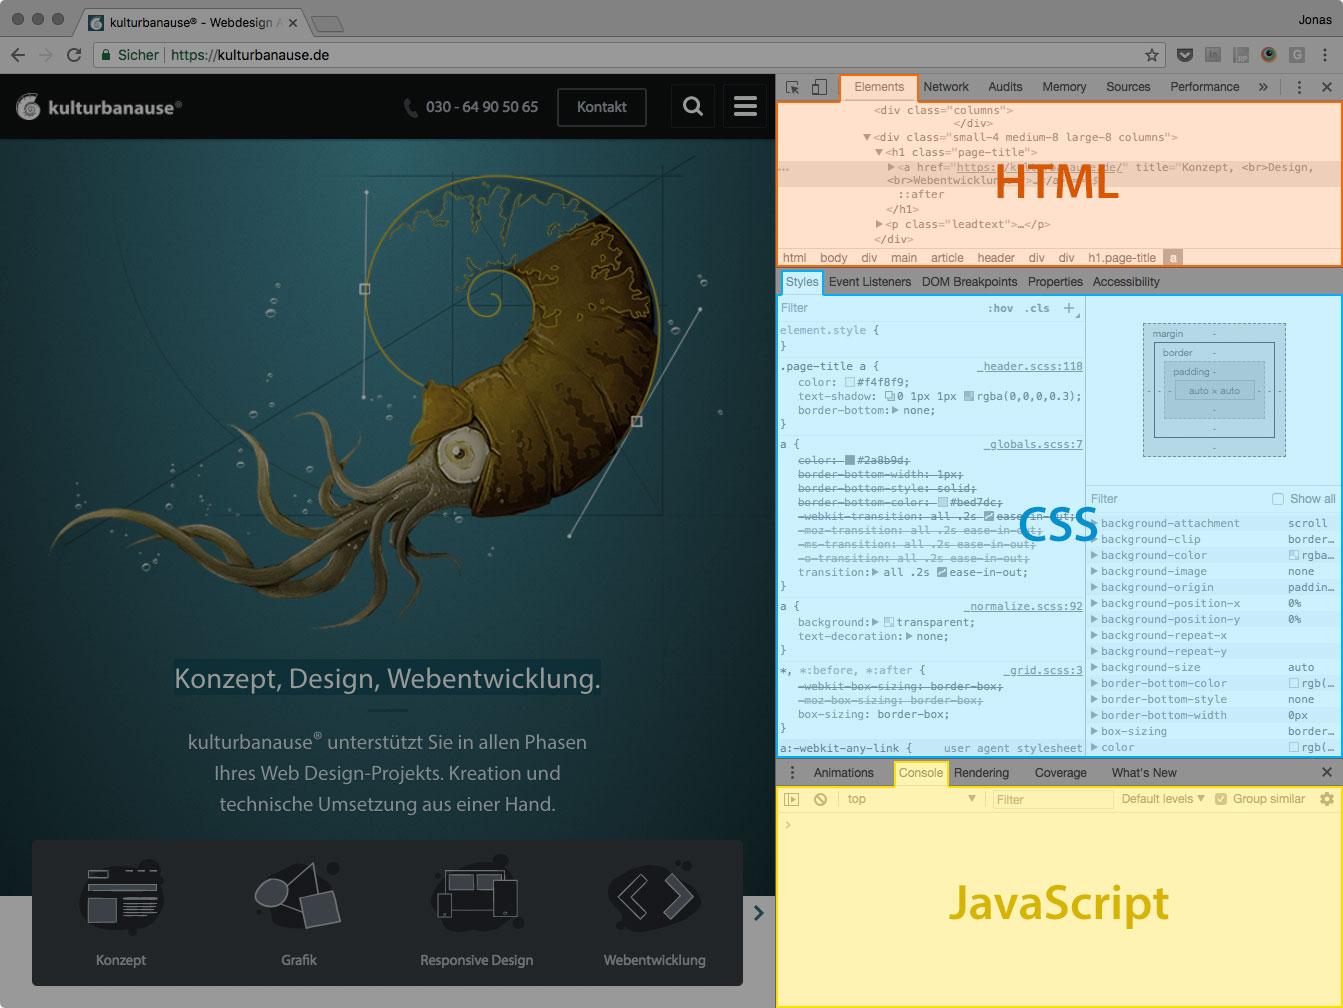 Screenshot der geöffneten DevTools mit den Bereichen zum Editieren von HTML, CSS und JavaScript